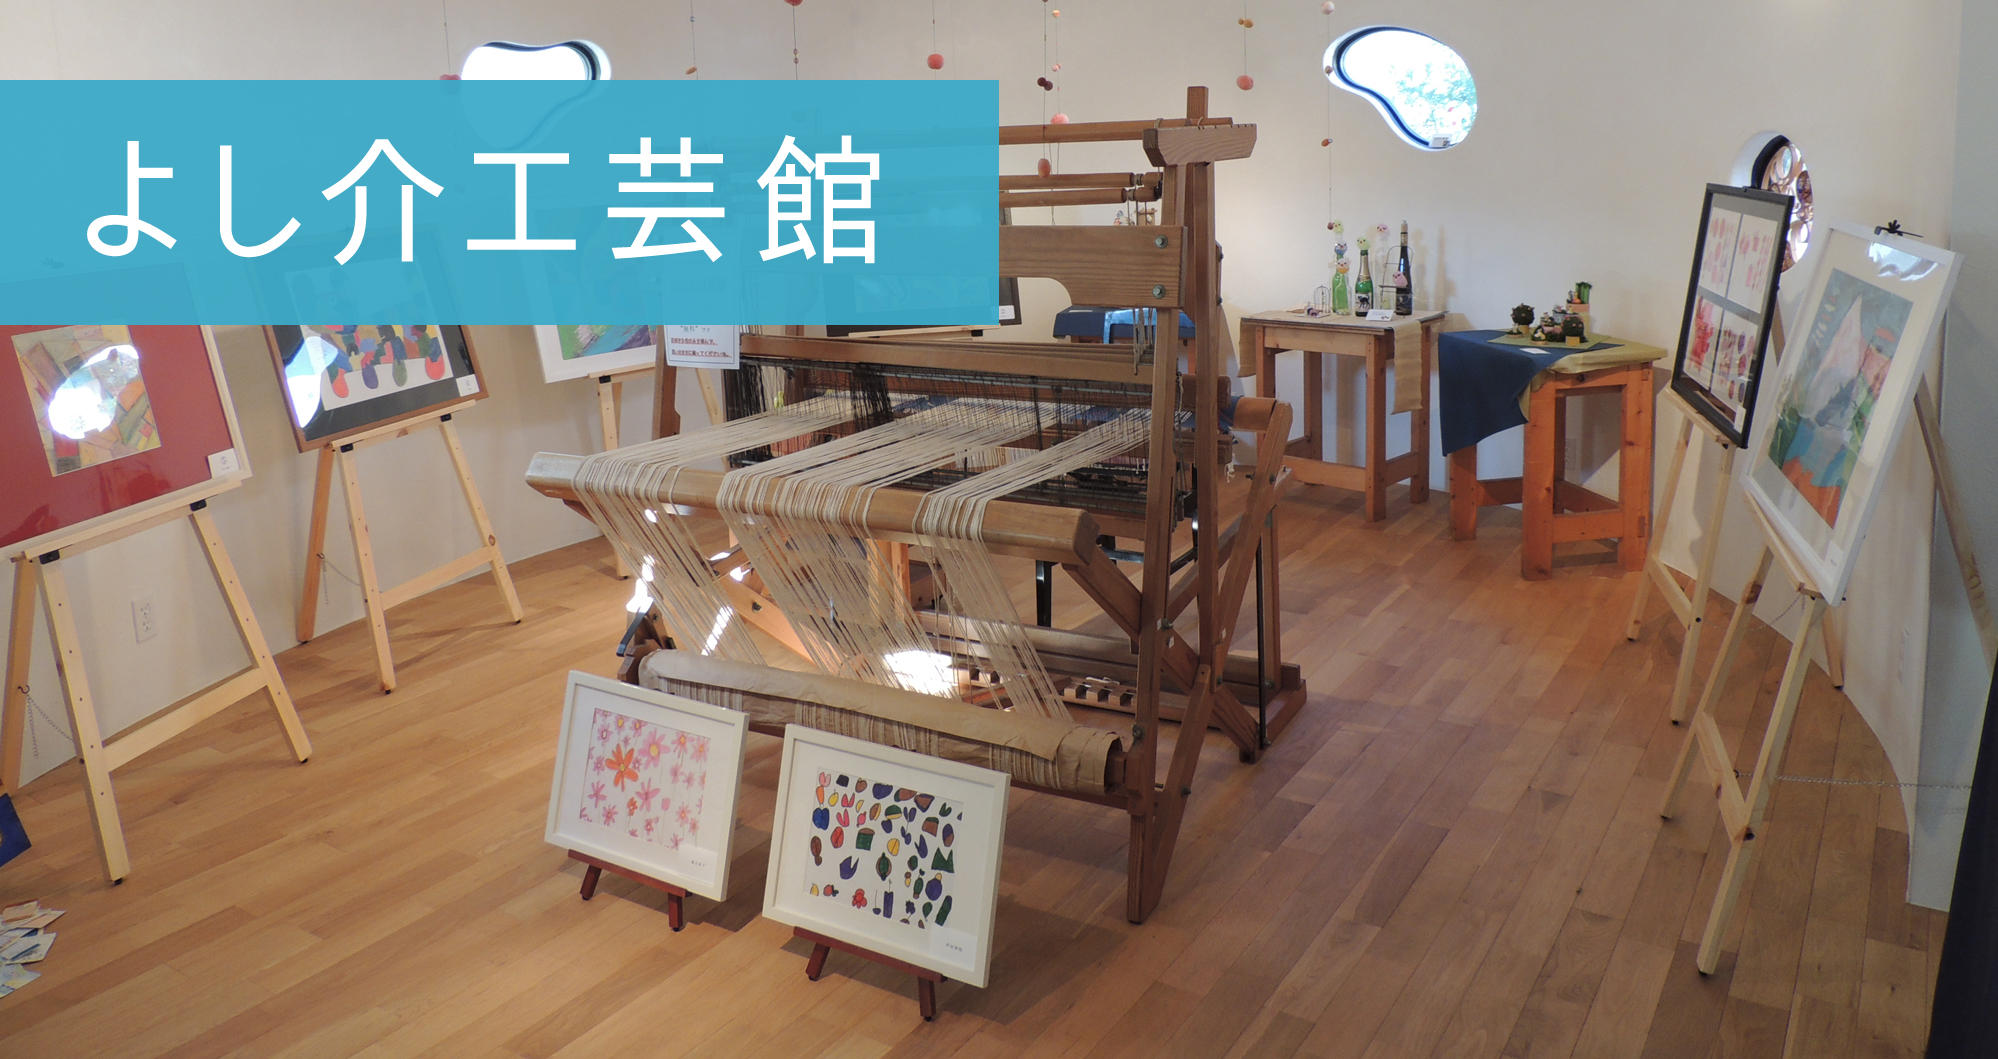 よし介工芸館の作品展示の様子